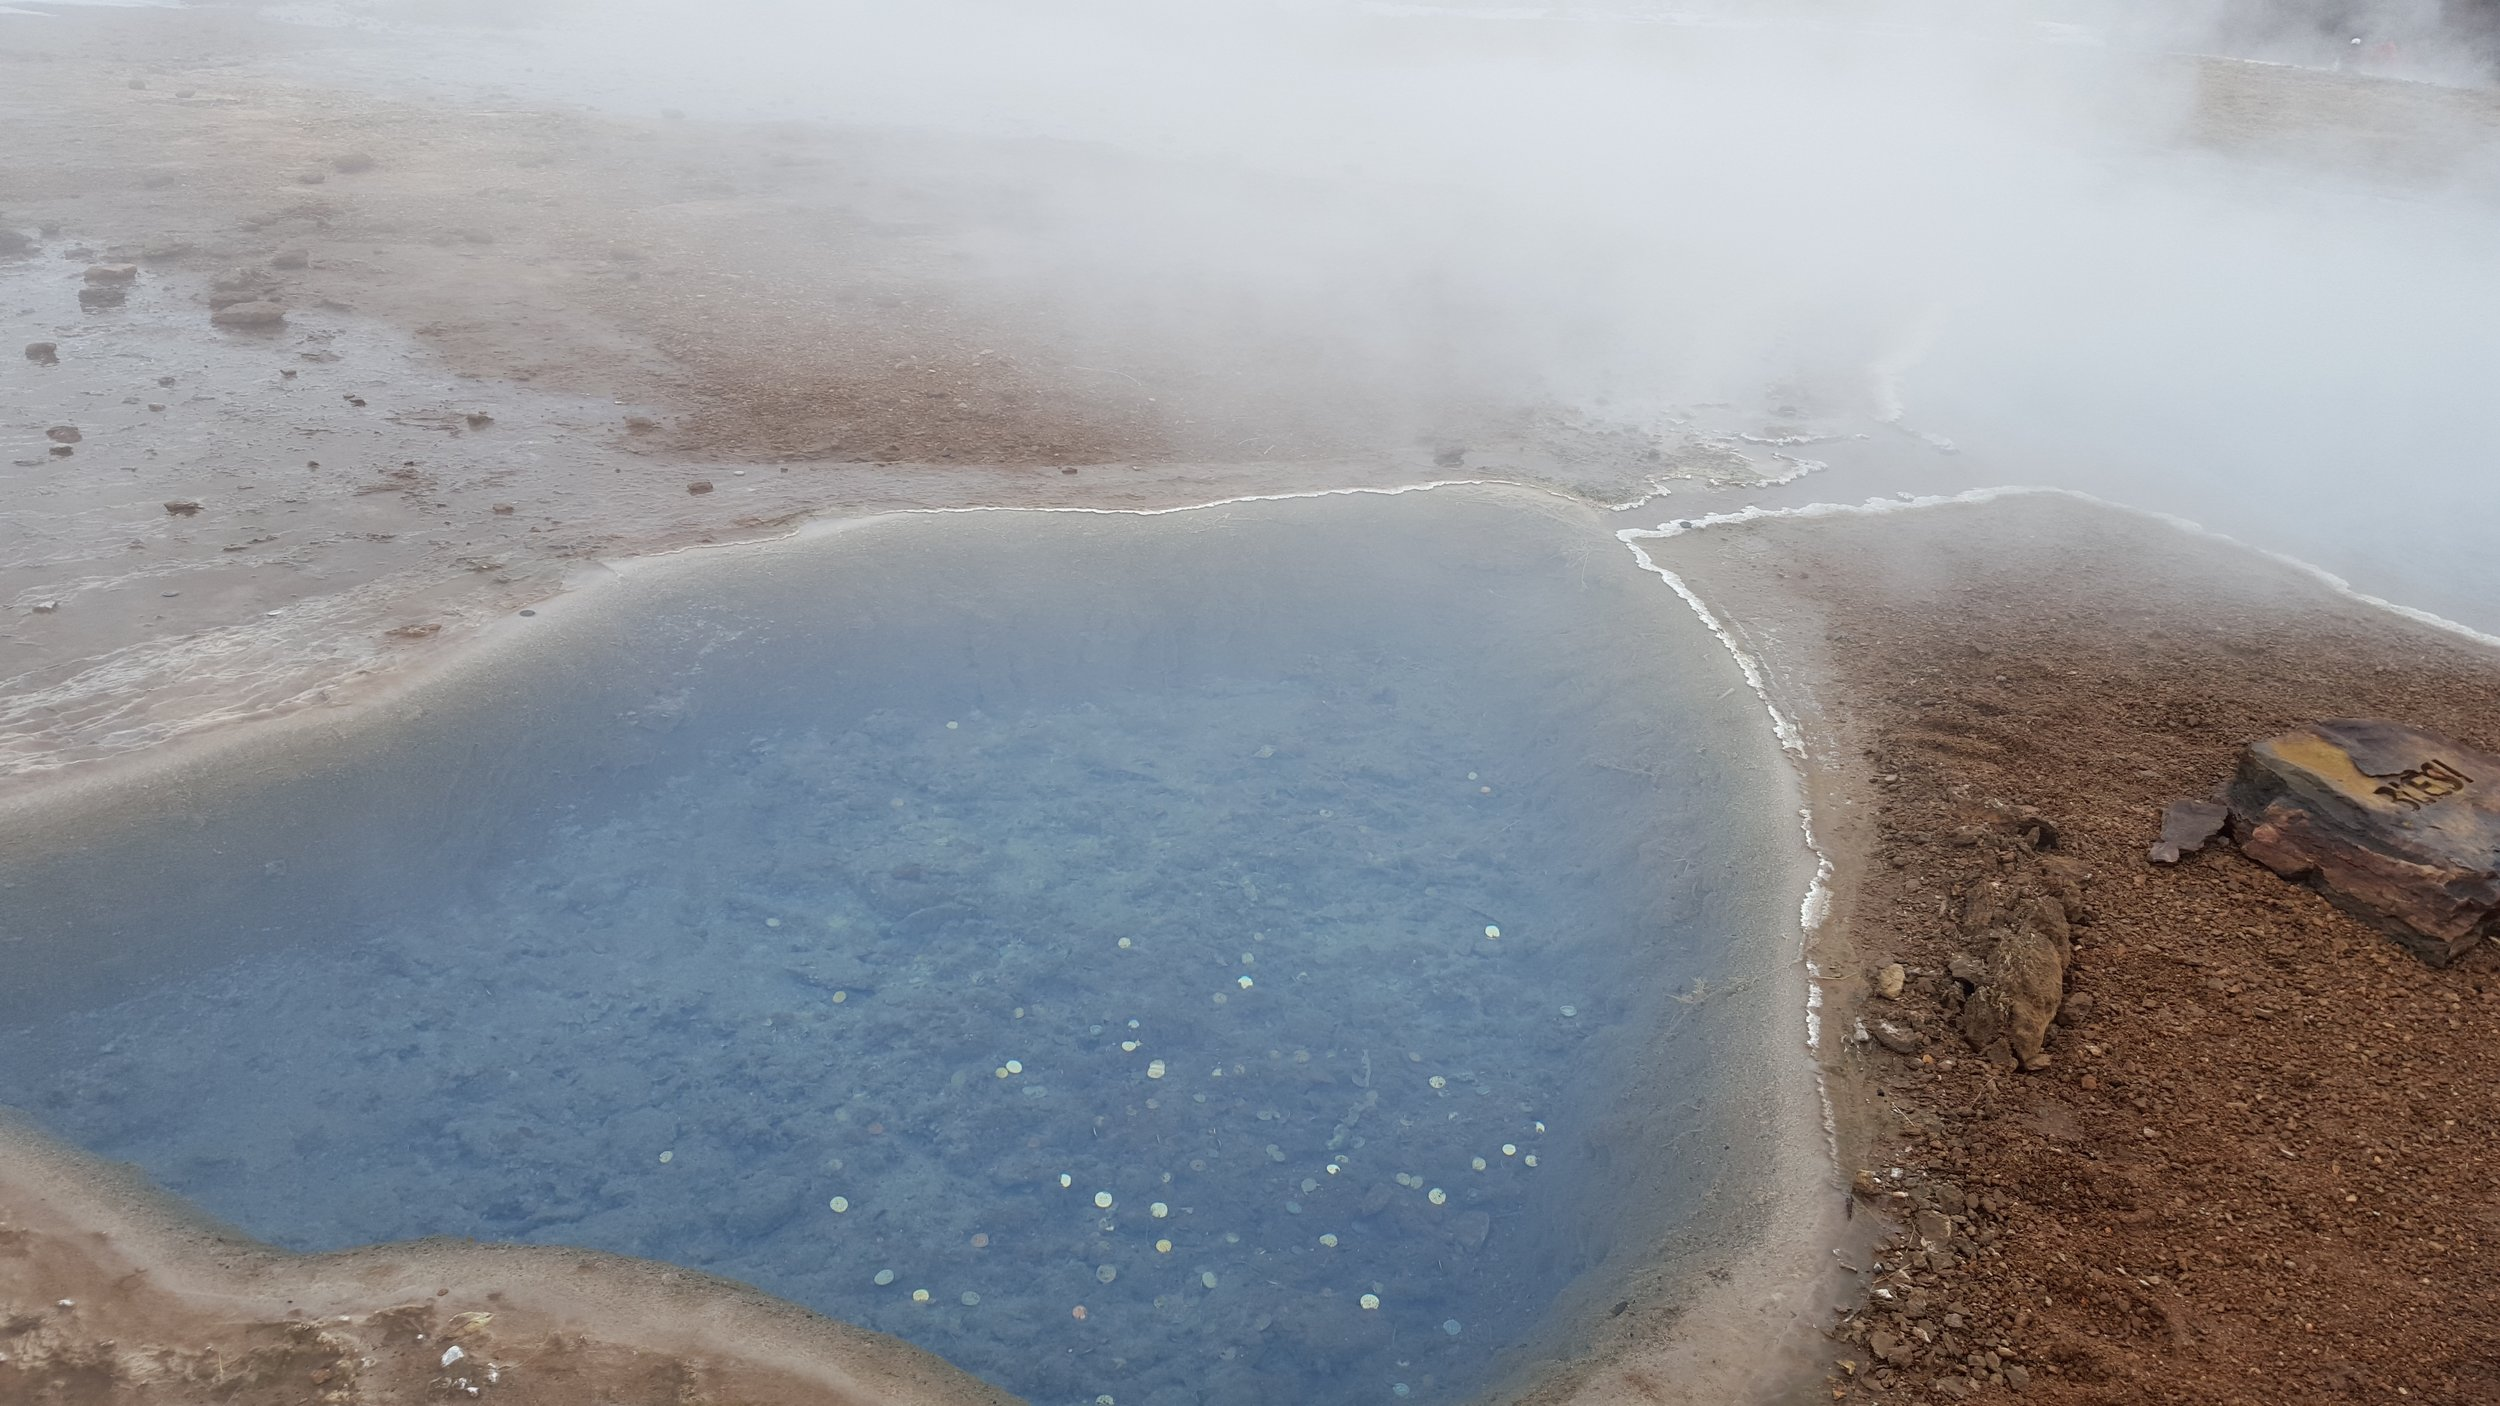 @The Great Geysir